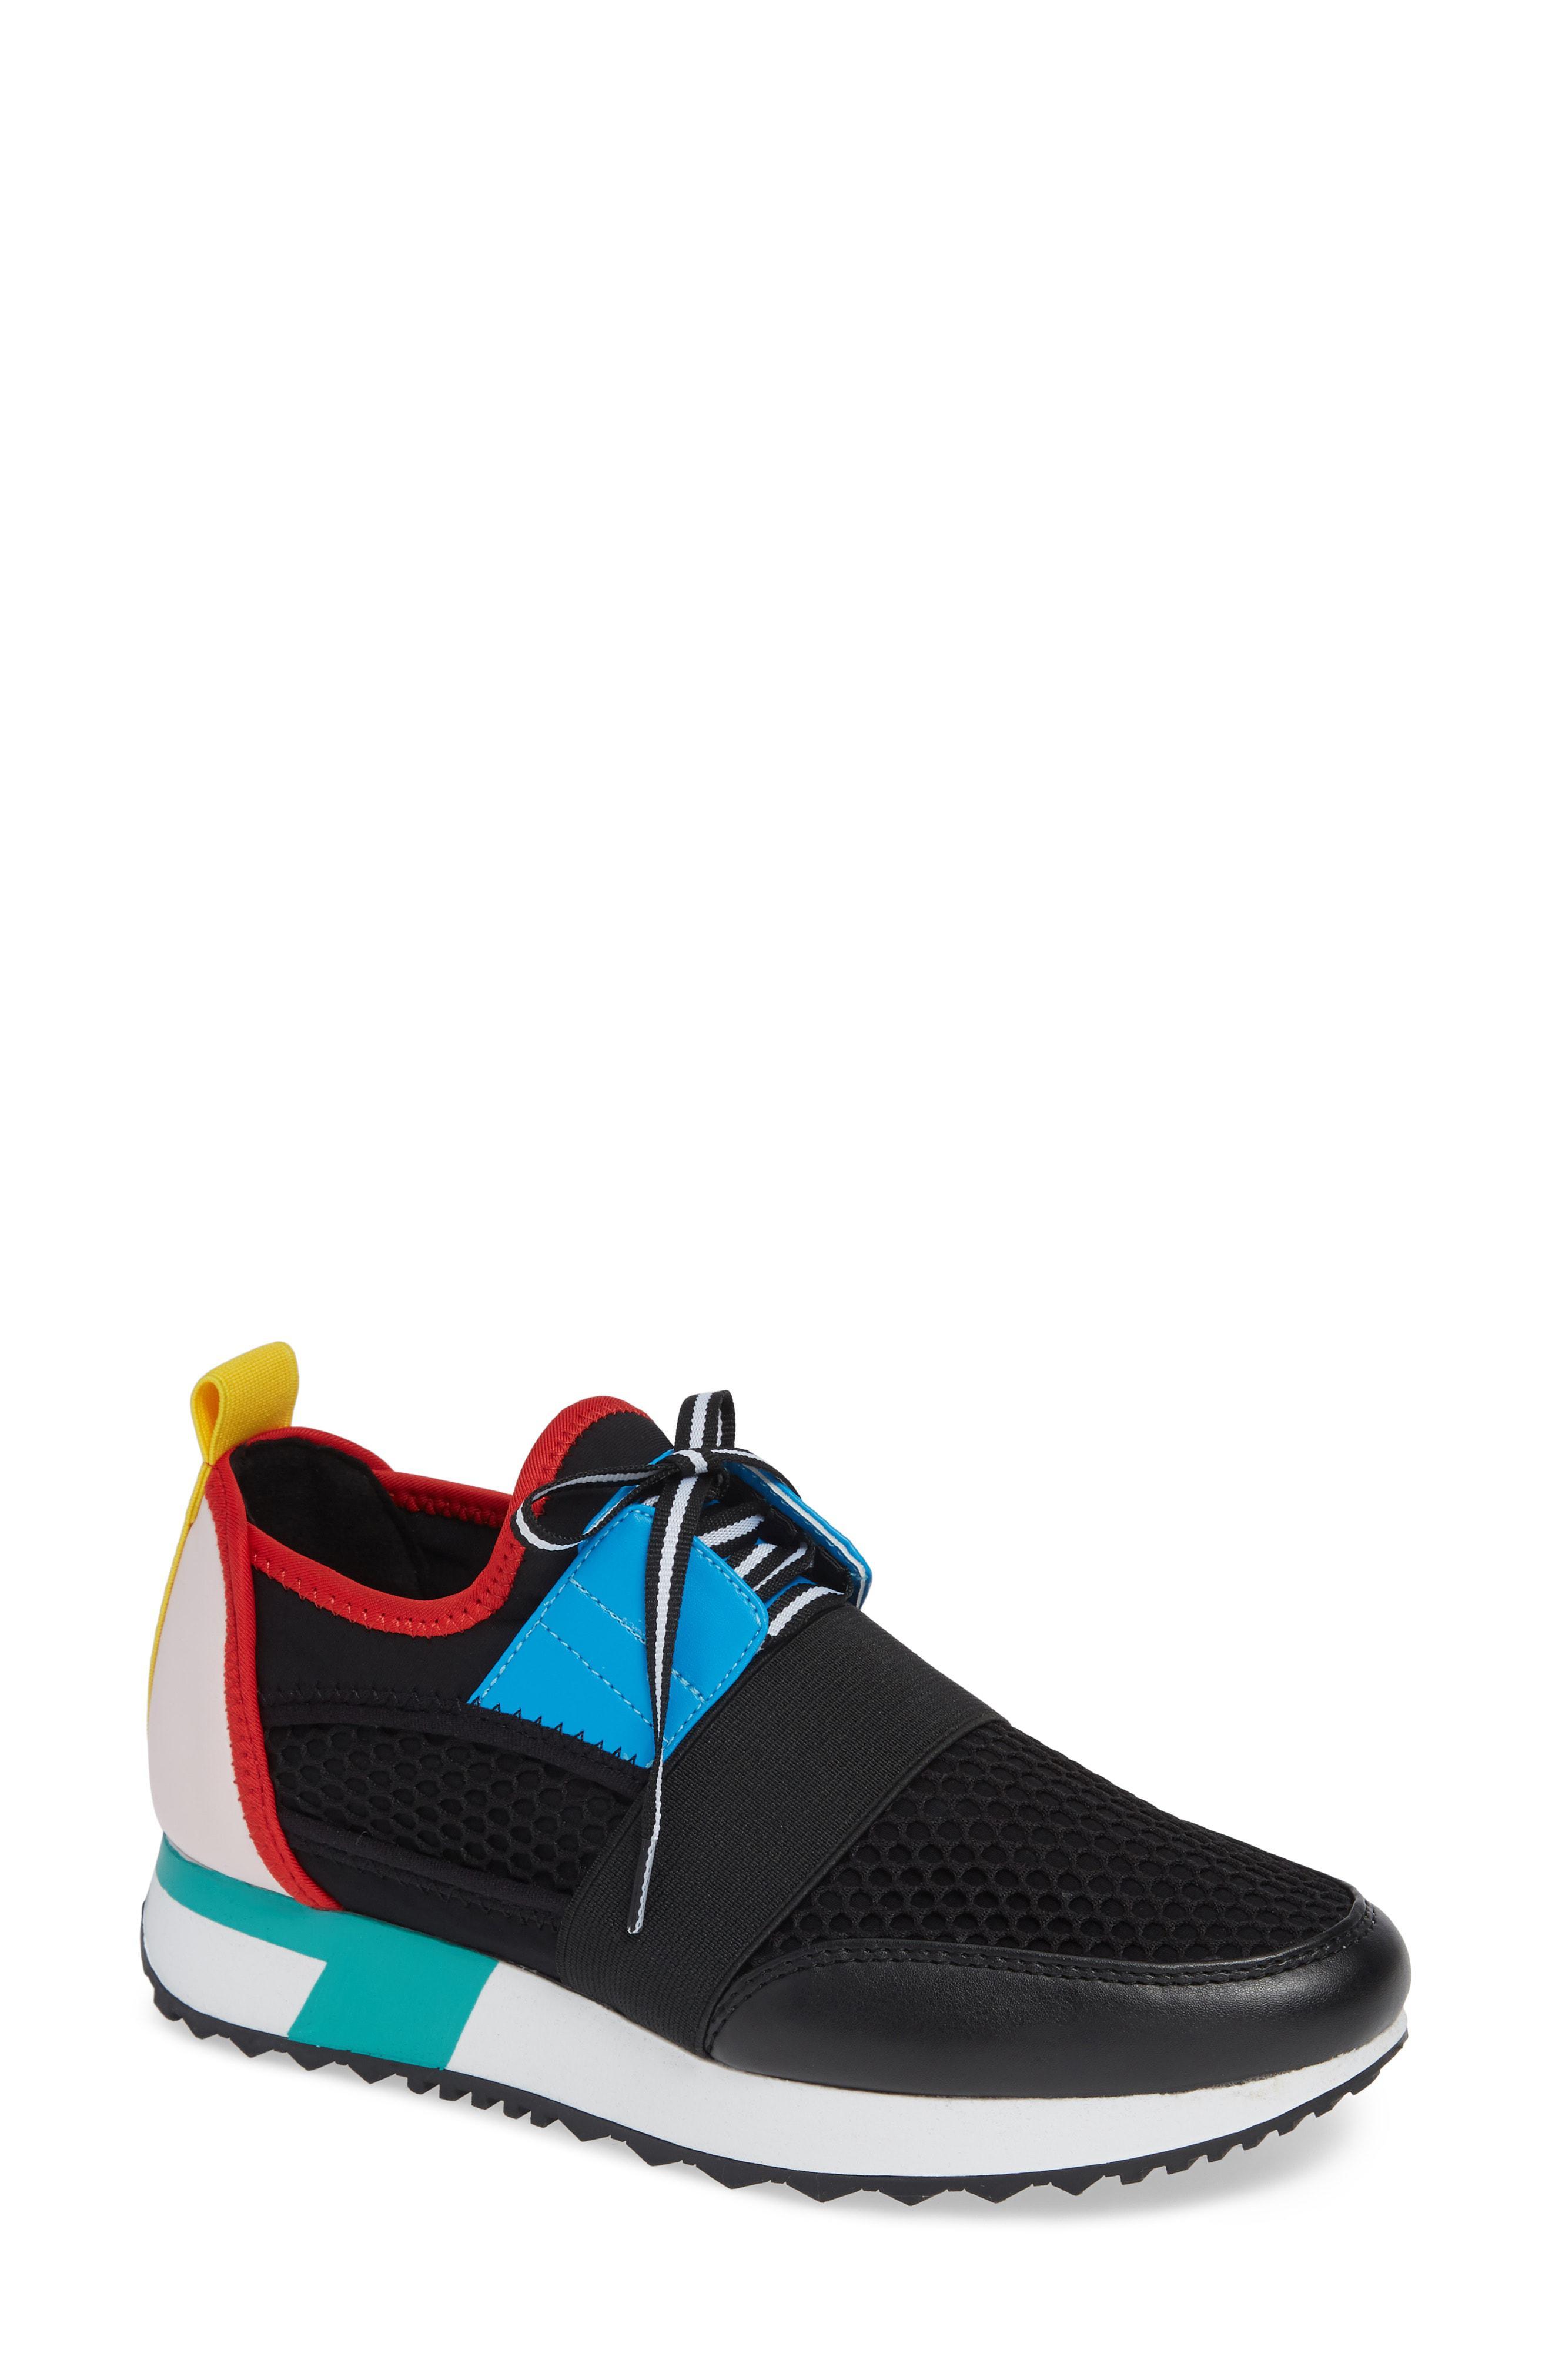 Steve Madden Antics Sneaker in Blue